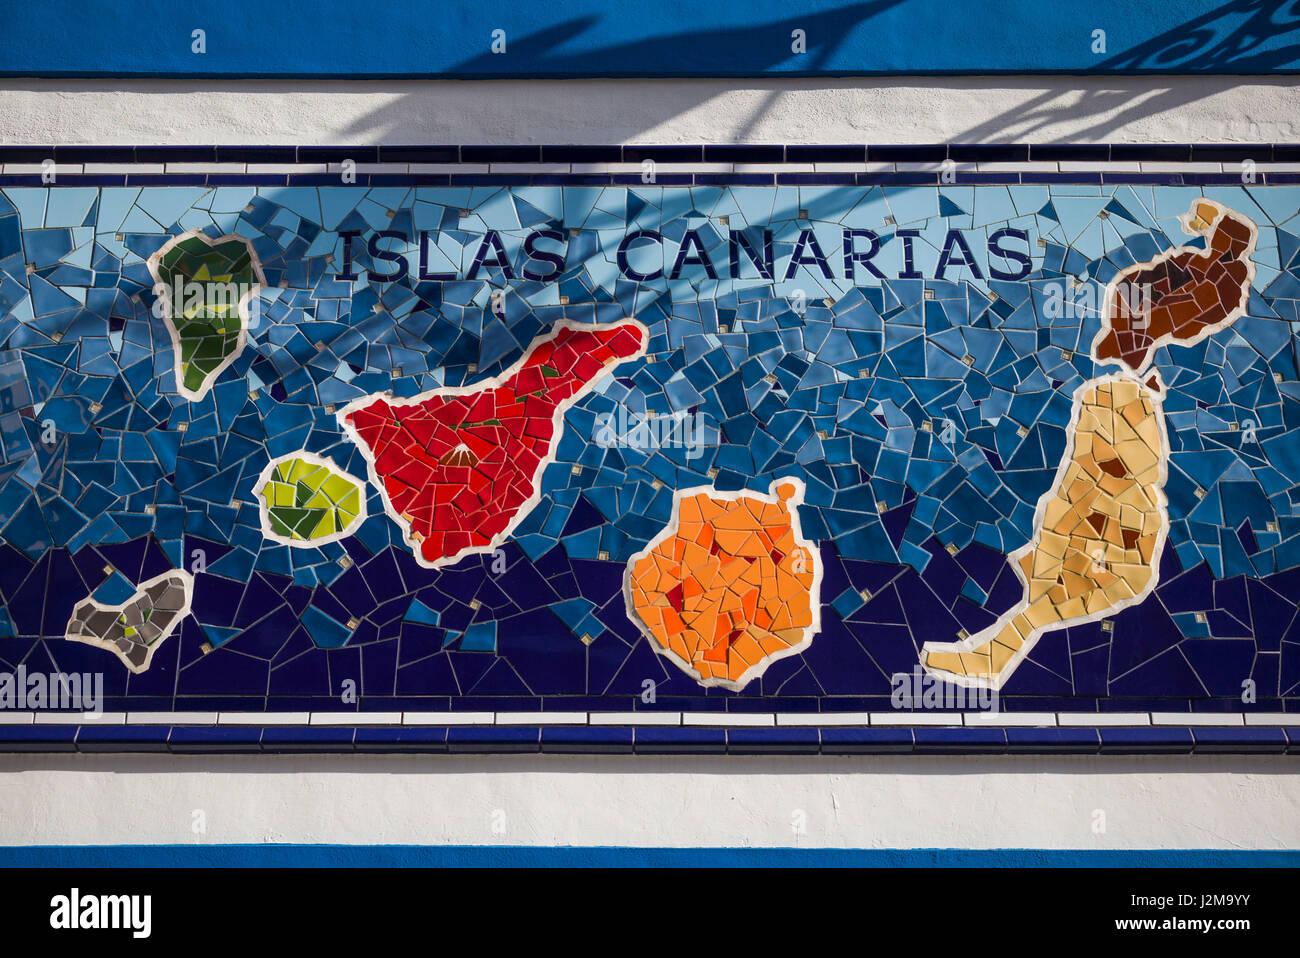 Teneriffa Karte Spanien.Kanarische Inseln Karte Stockfotos Kanarische Inseln Karte Bilder